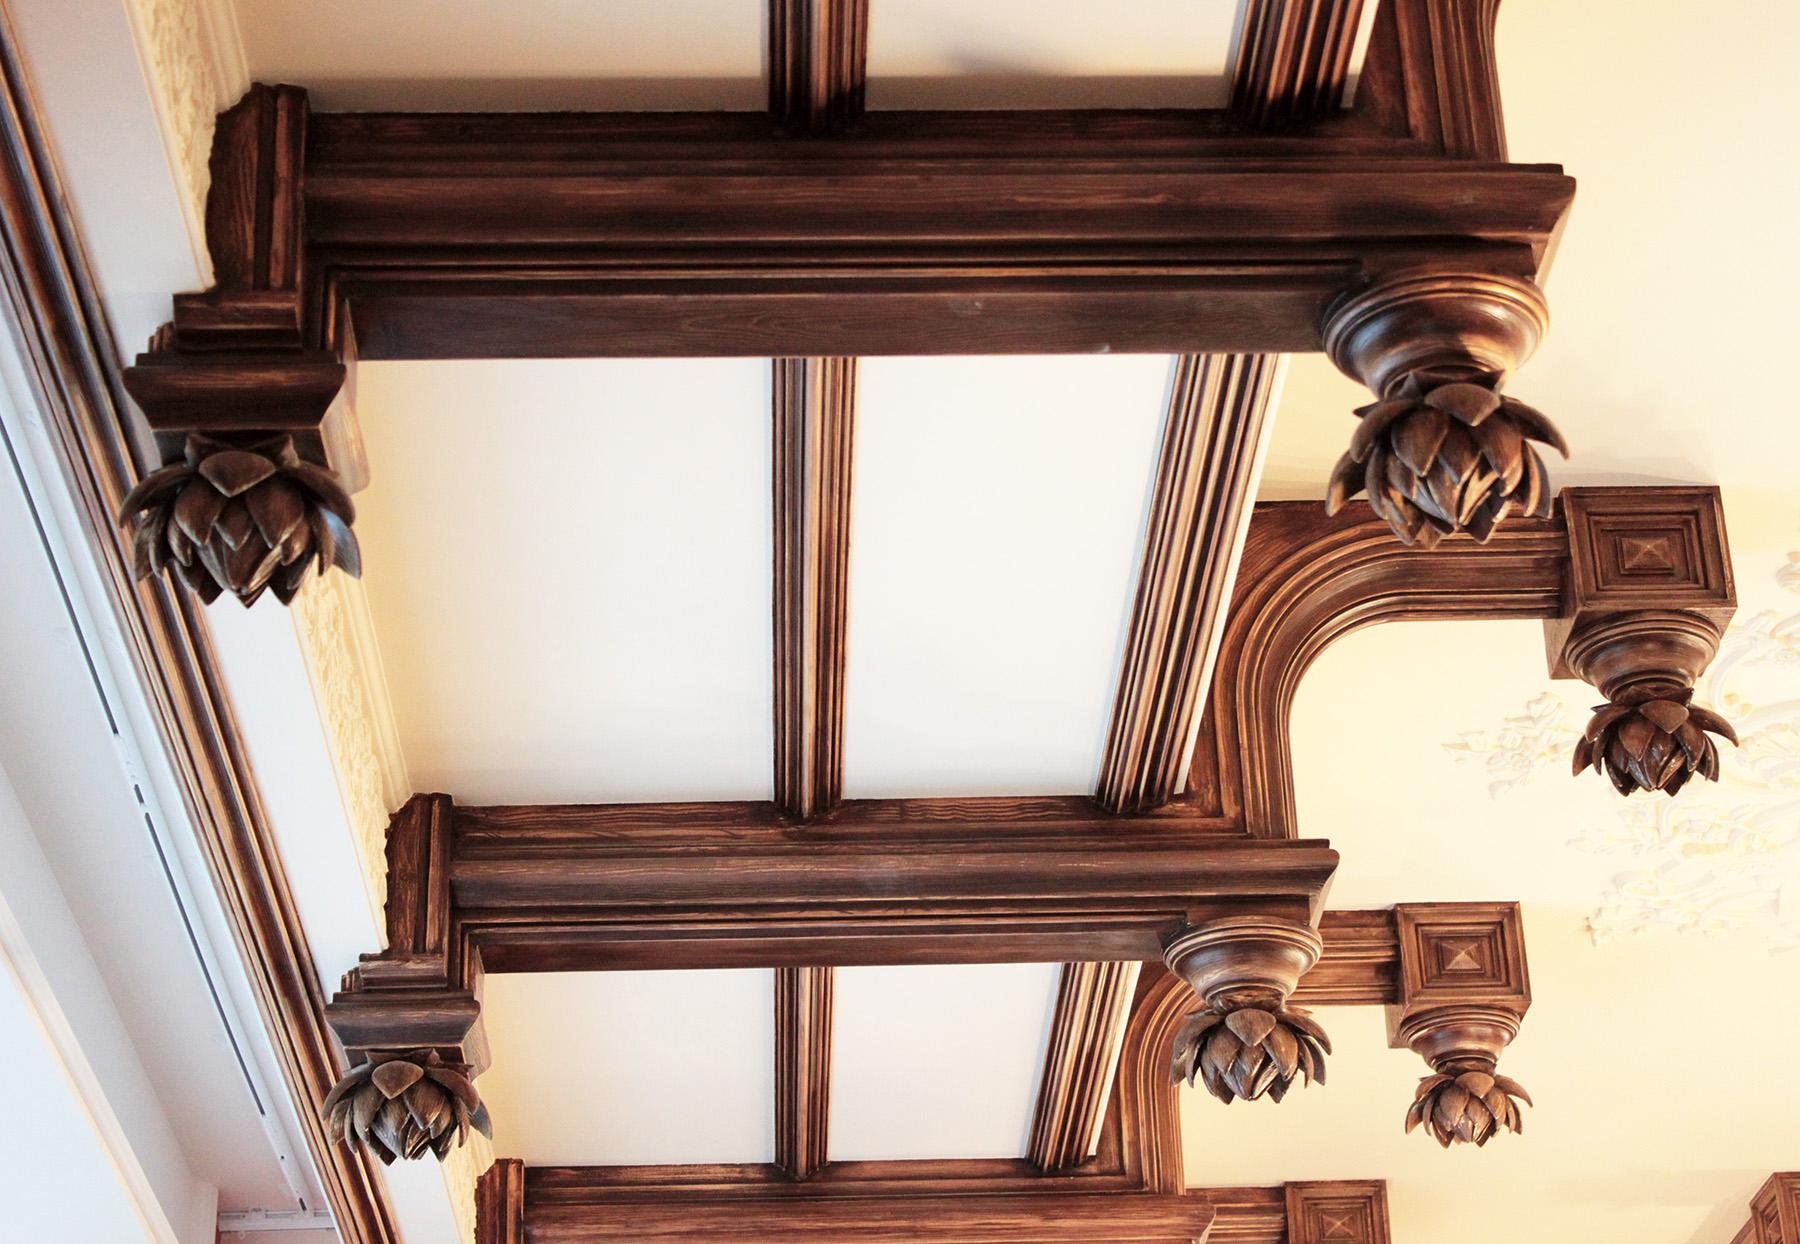 Гипсовые Балки кессонированного потолка имитация дерево. Материал - гипс. Архитектурно-производственная мастерская Елены Афти